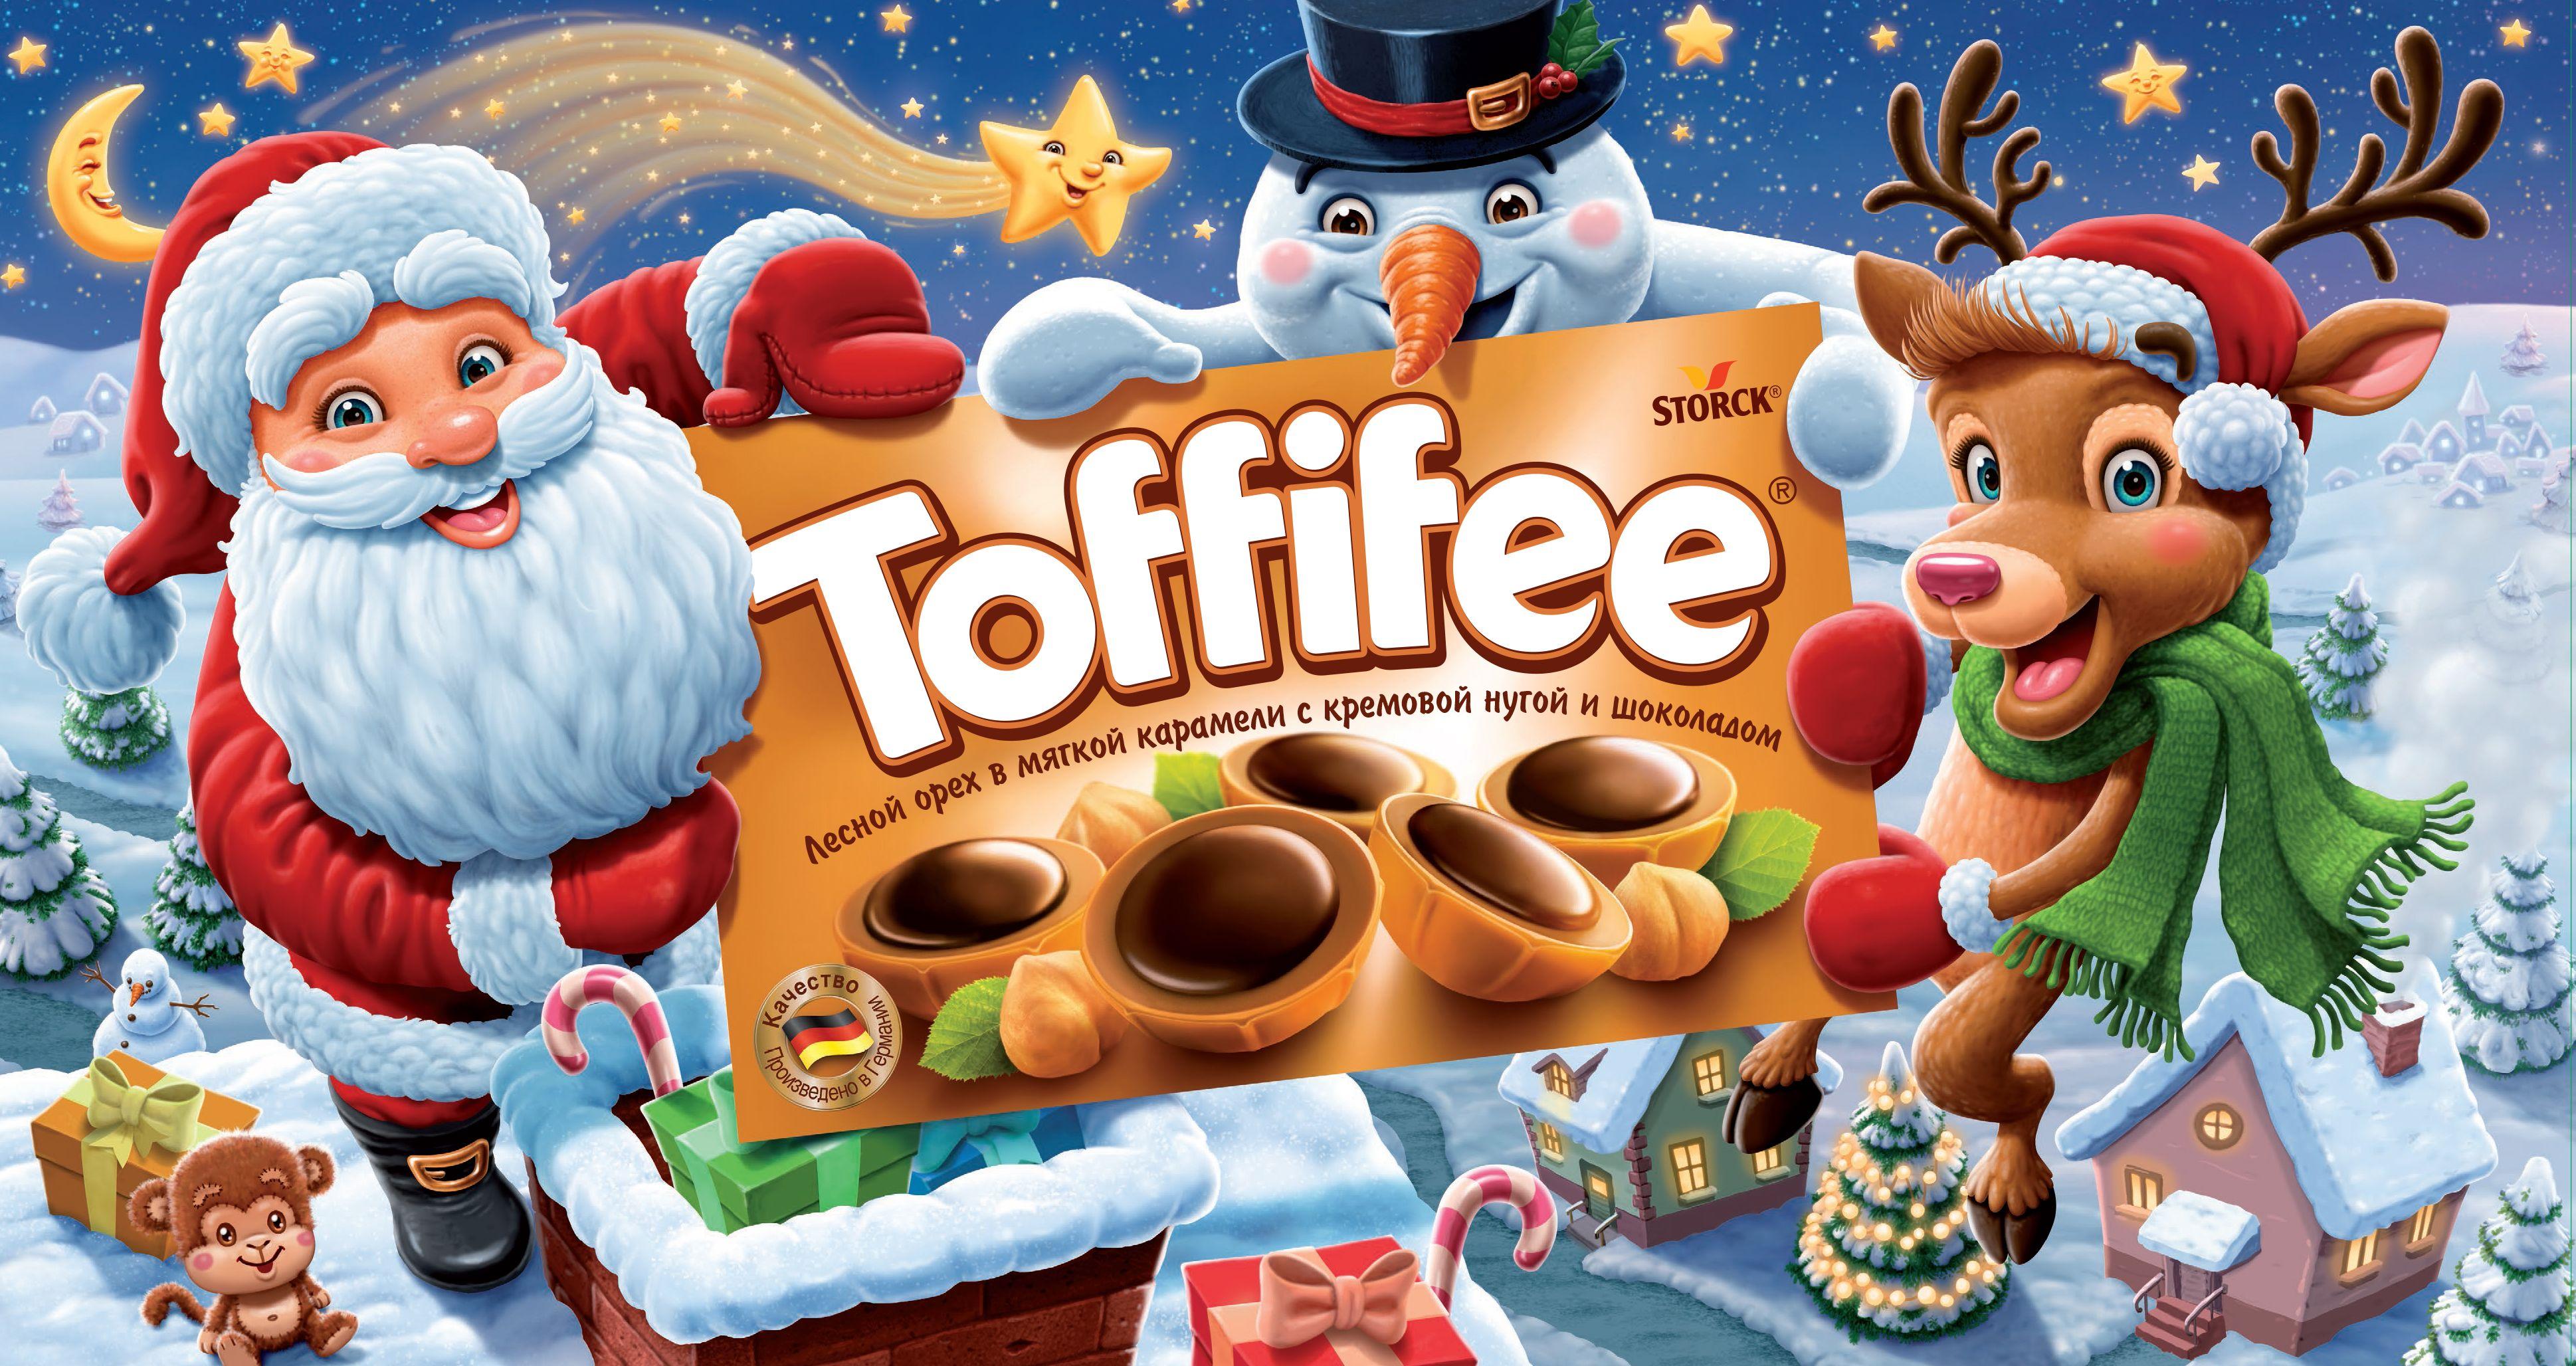 Toffifee Олени конфеты орешки в карамели, 375 г019728Секрет конфет Toffifee в интересном сочетании вкуснейших ингредиентов: отборный цельный лесной орех в чашечке из мягкой карамели, наполненной нежной кремовой нугой и покрытой восхитительным шоколадом! Toffifee – это невероятно вкусные конфеты, которые понравятся и взрослым, и детям!